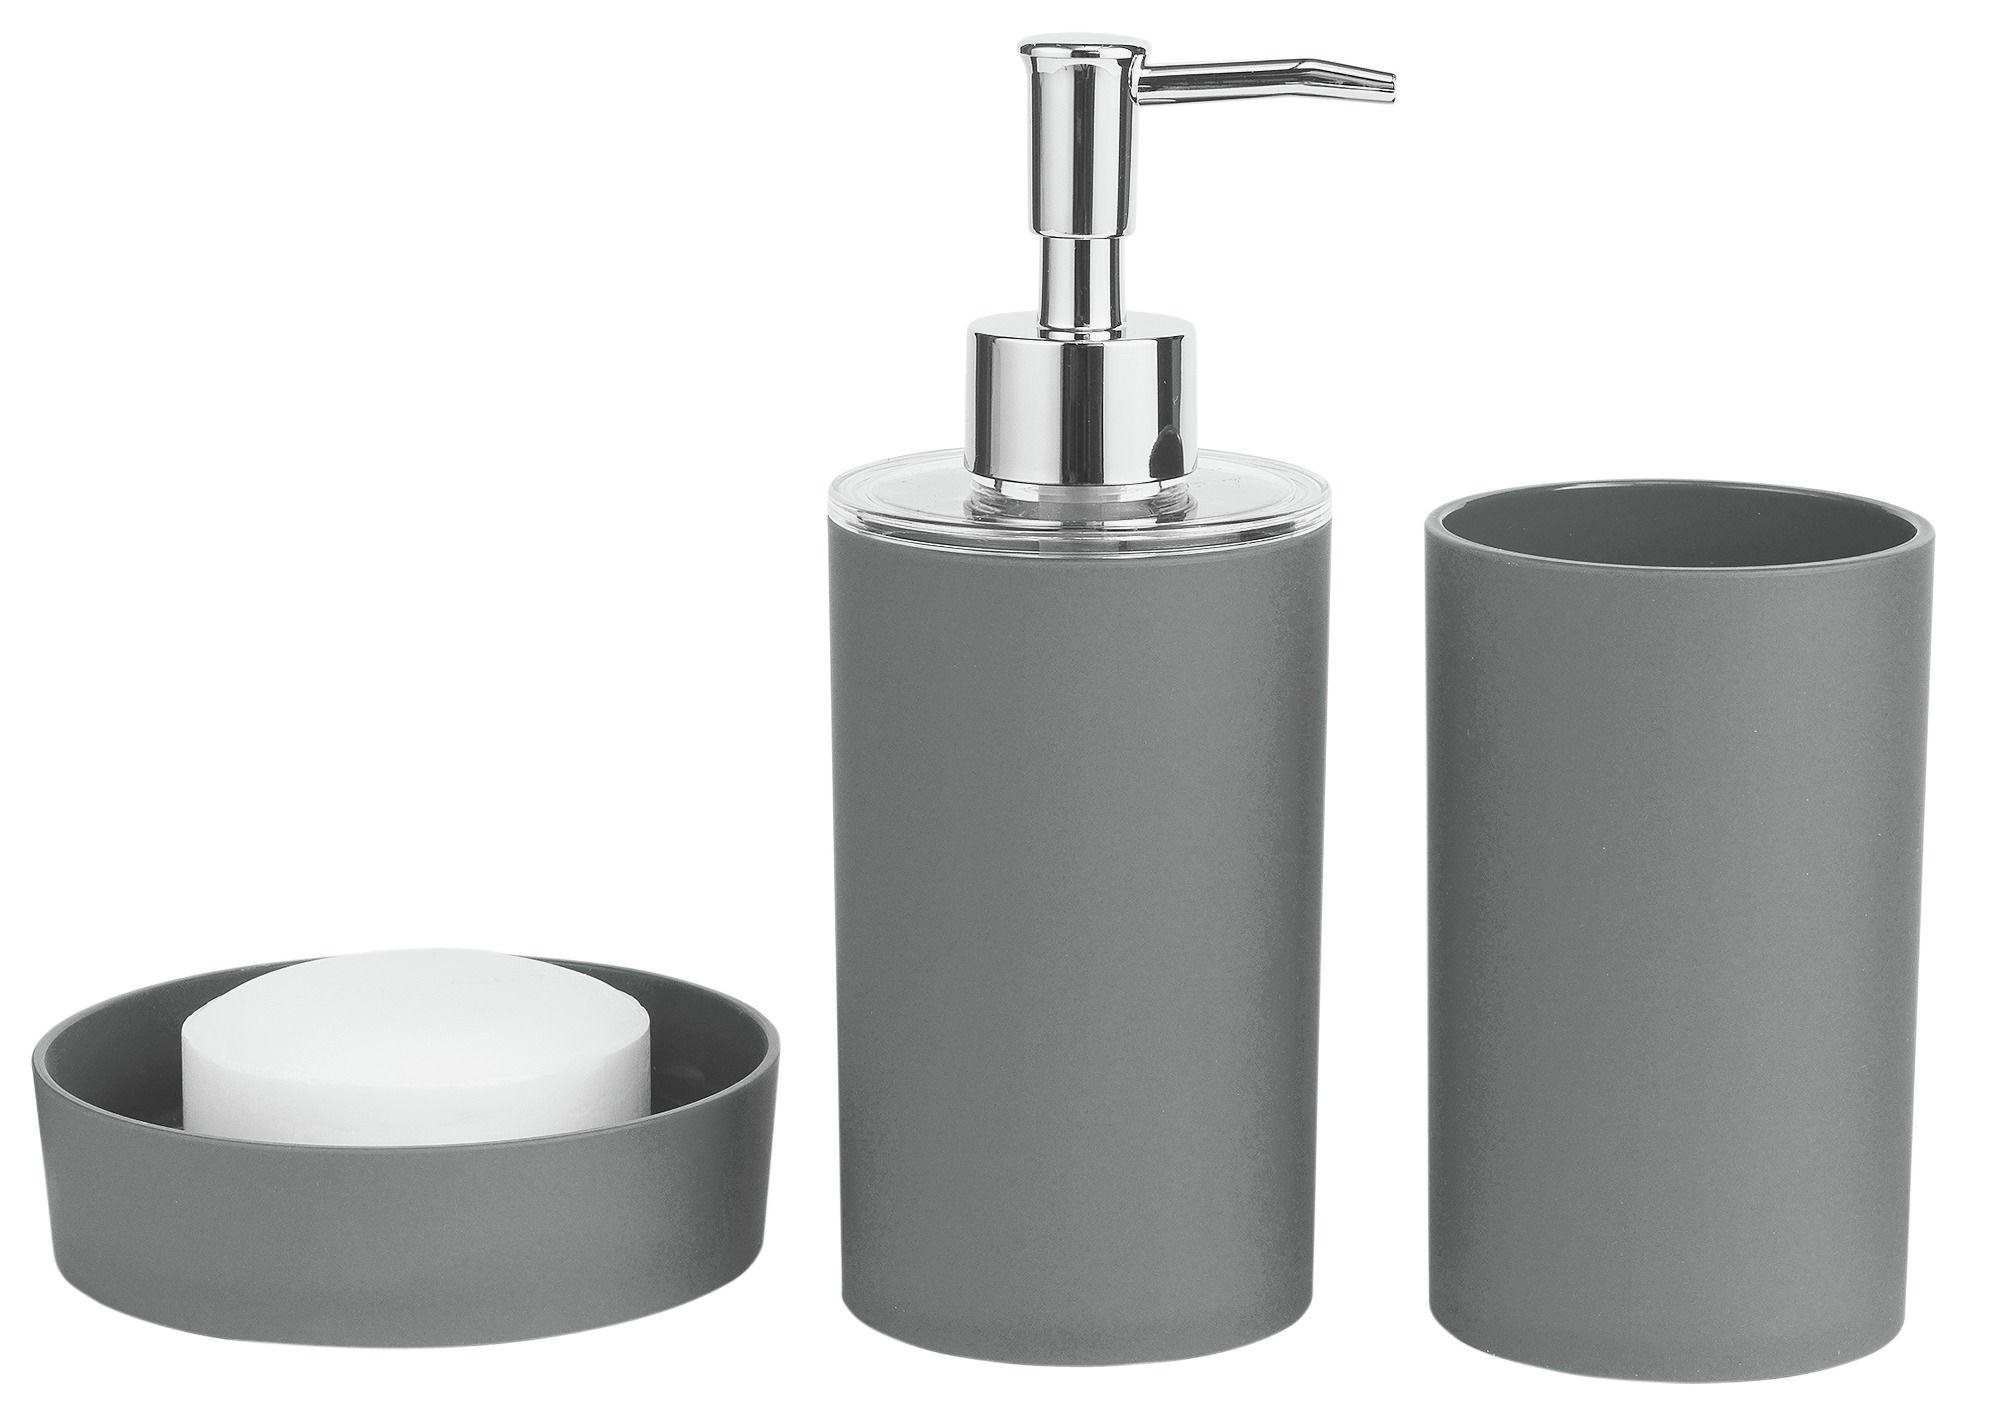 ColourMatch - Bathroom Accessory Set - Flint Grey